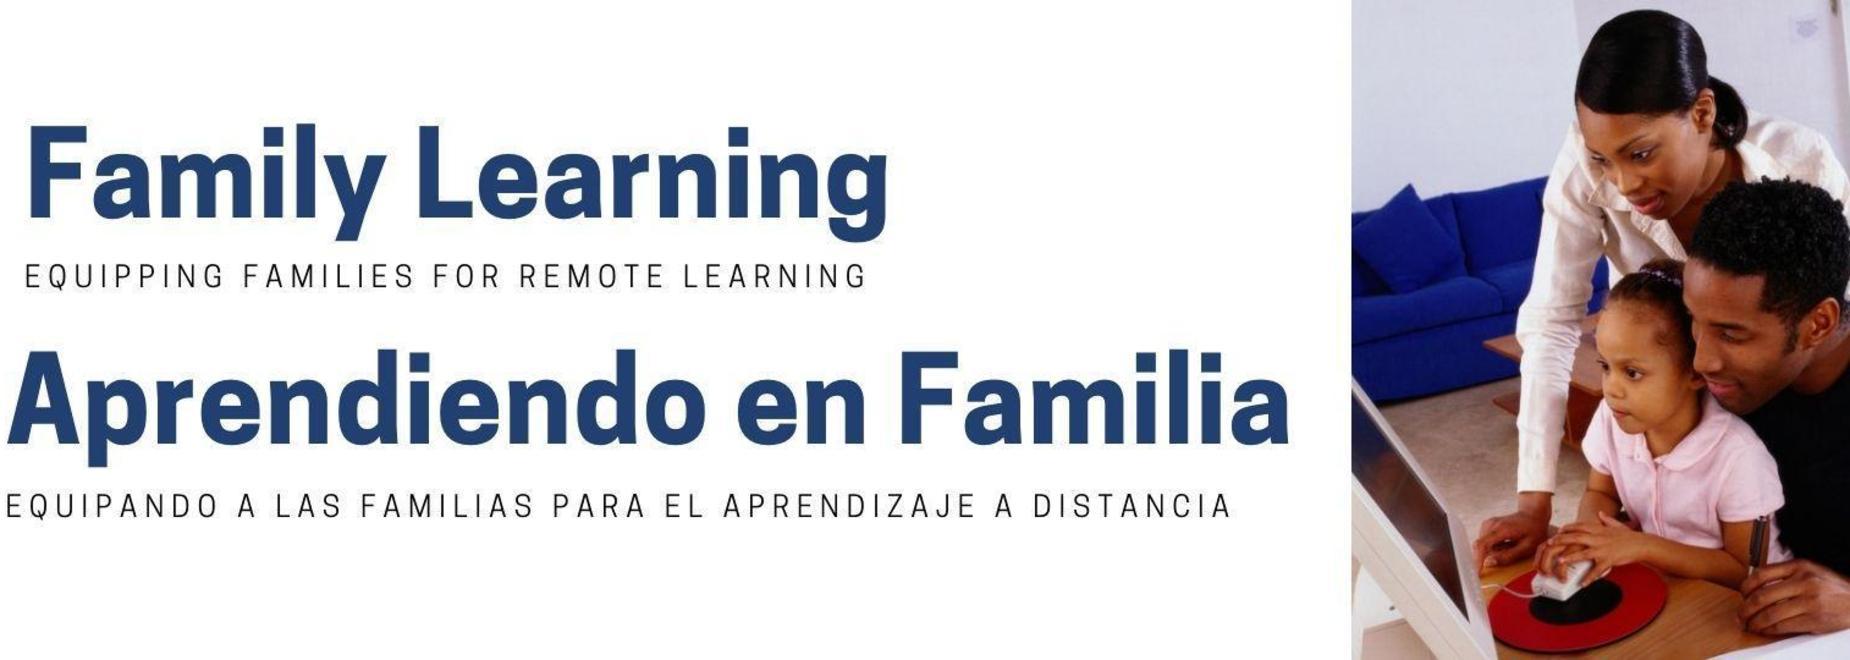 Family Learning, Equipping Families for Remote Learning. Aptrndiendo en familia, equipando  a las familias para el aprendizaje a distancia